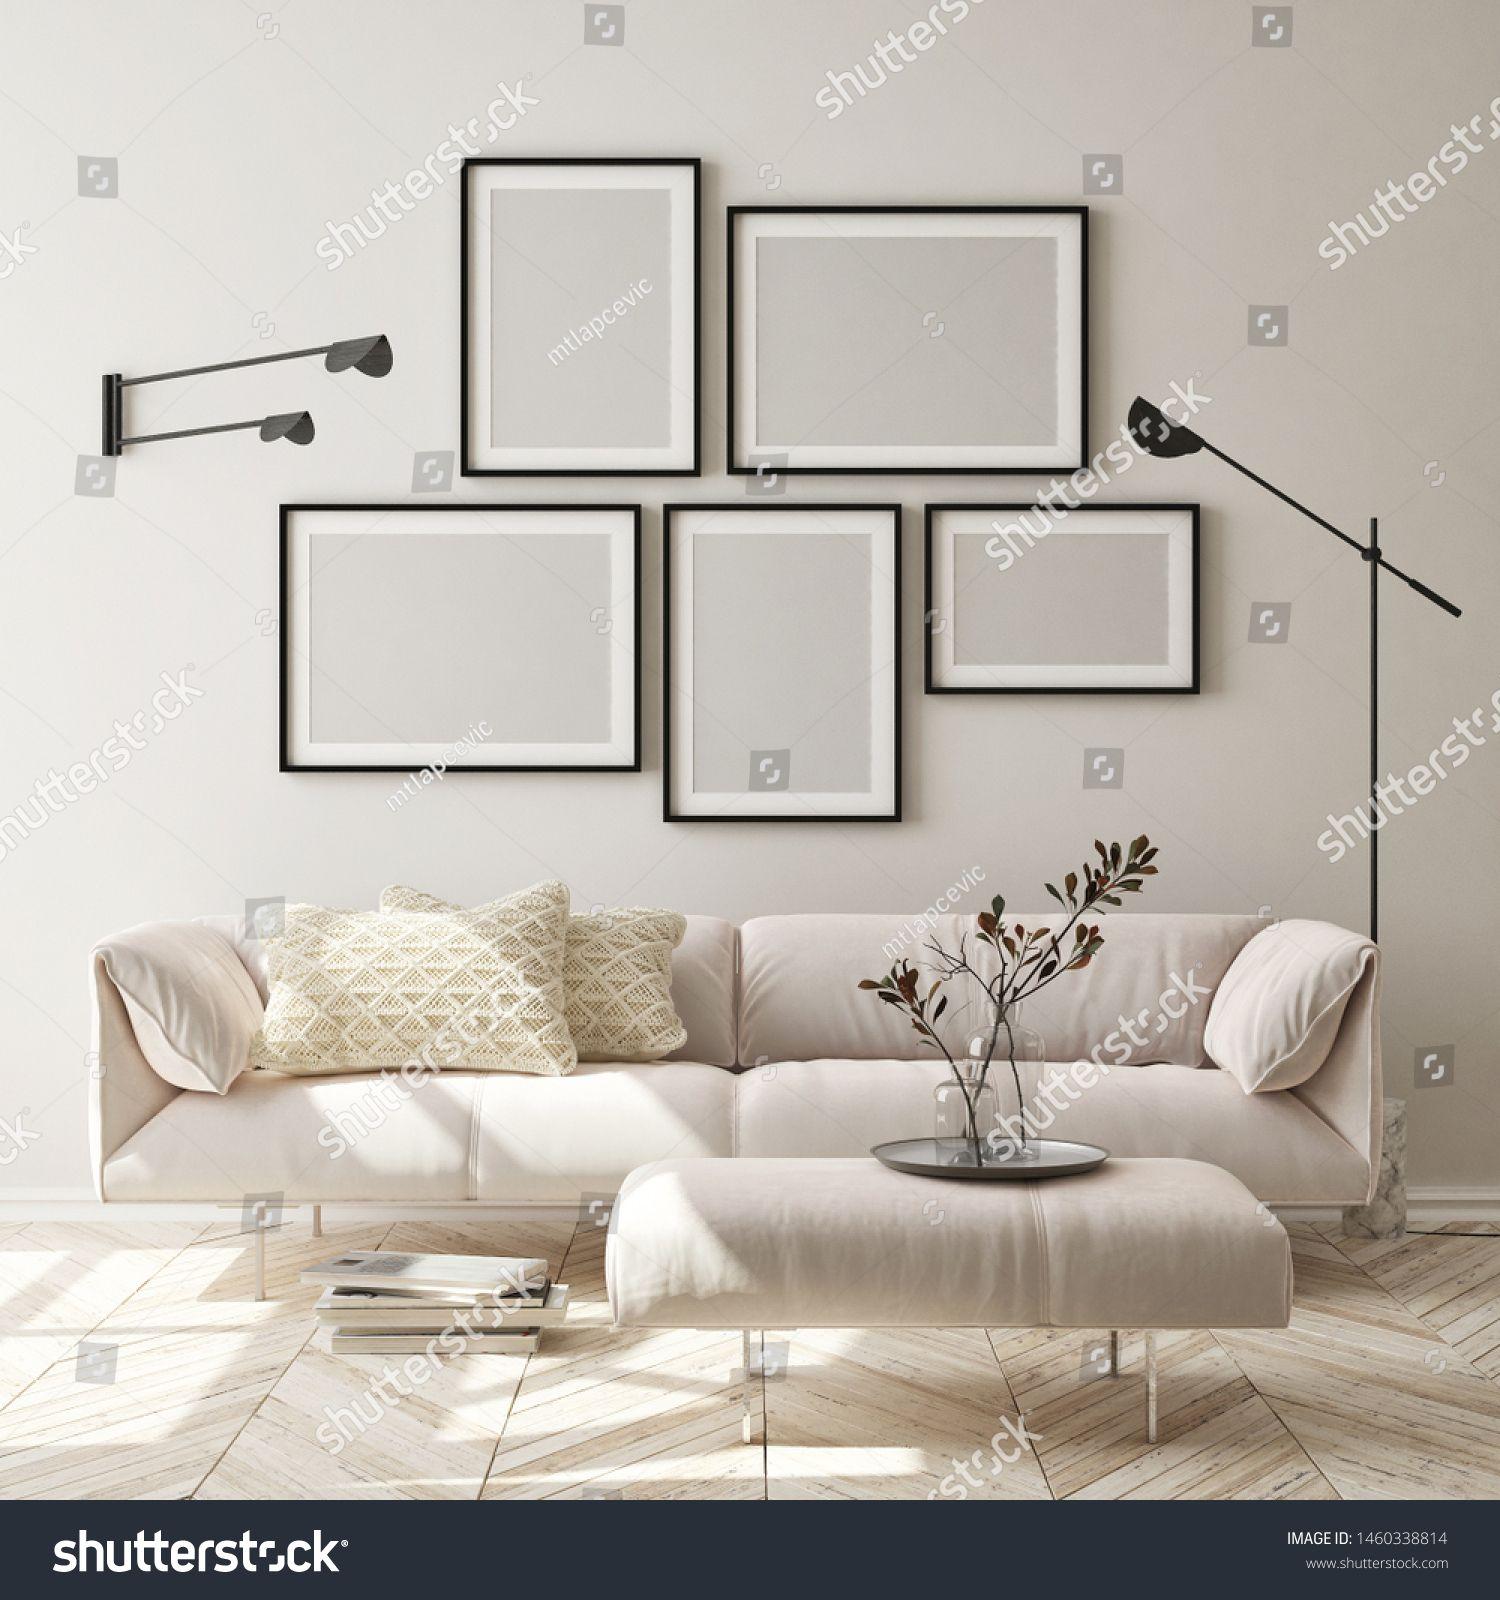 mock up poster frame in modern interior background living room Scandinavian style 3D render 3D illustration